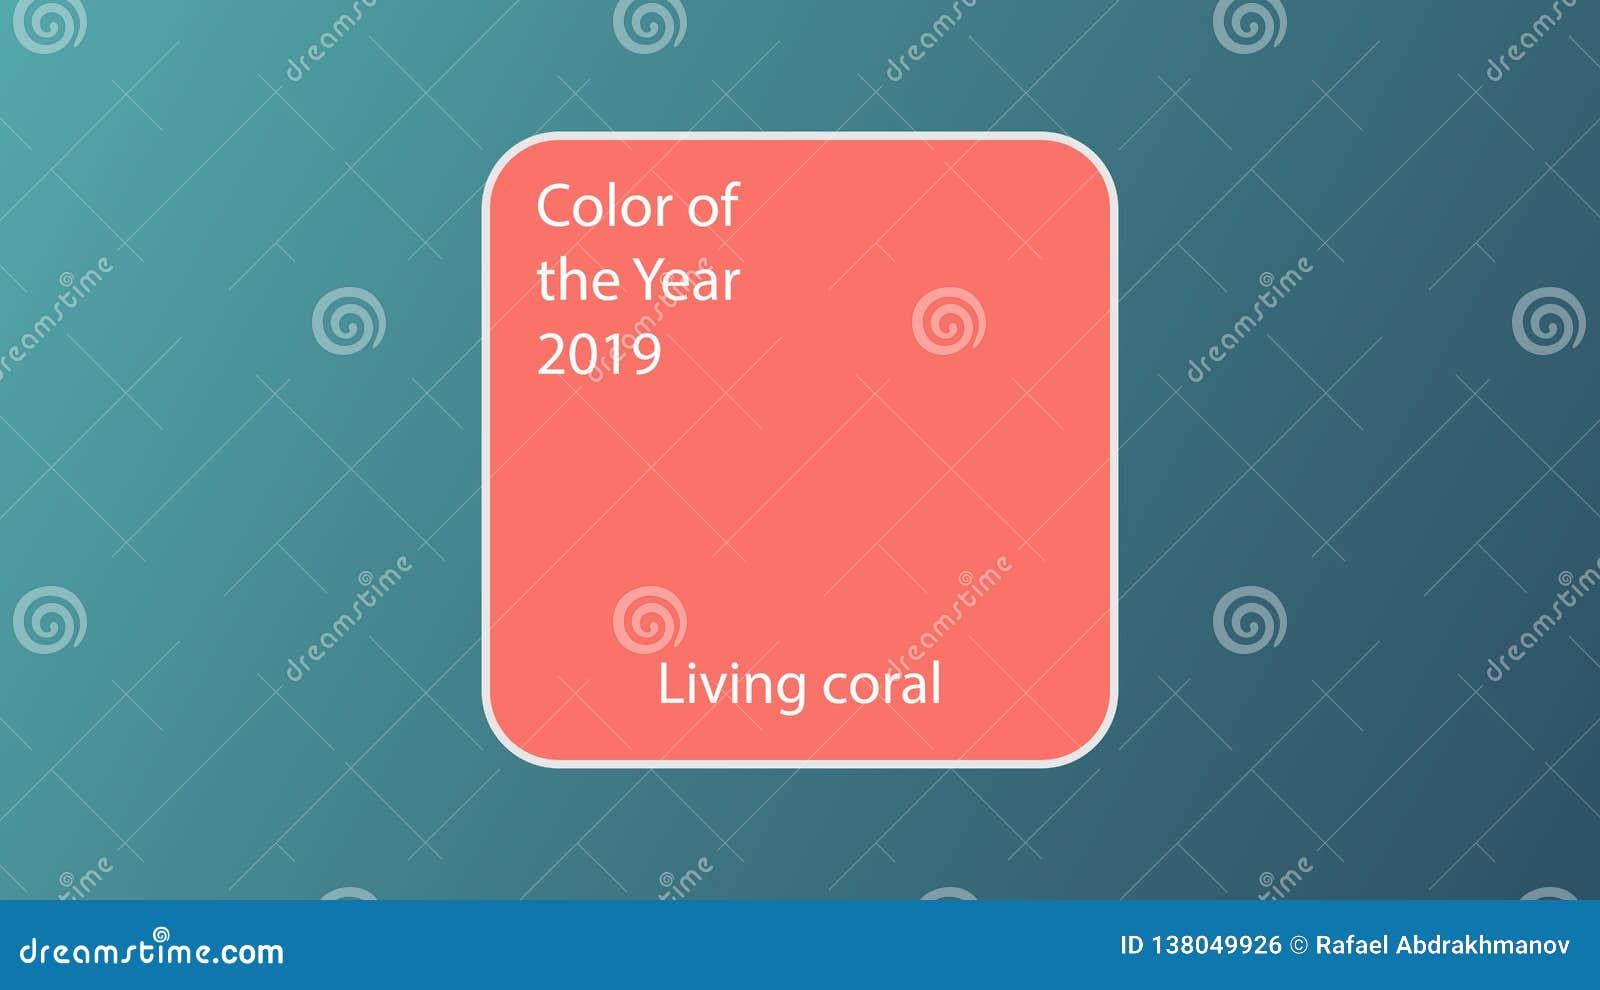 年2019居住的珊瑚的主要颜色 样片时装业快乐树荫软和温暖激动人心的趋向颜色s的